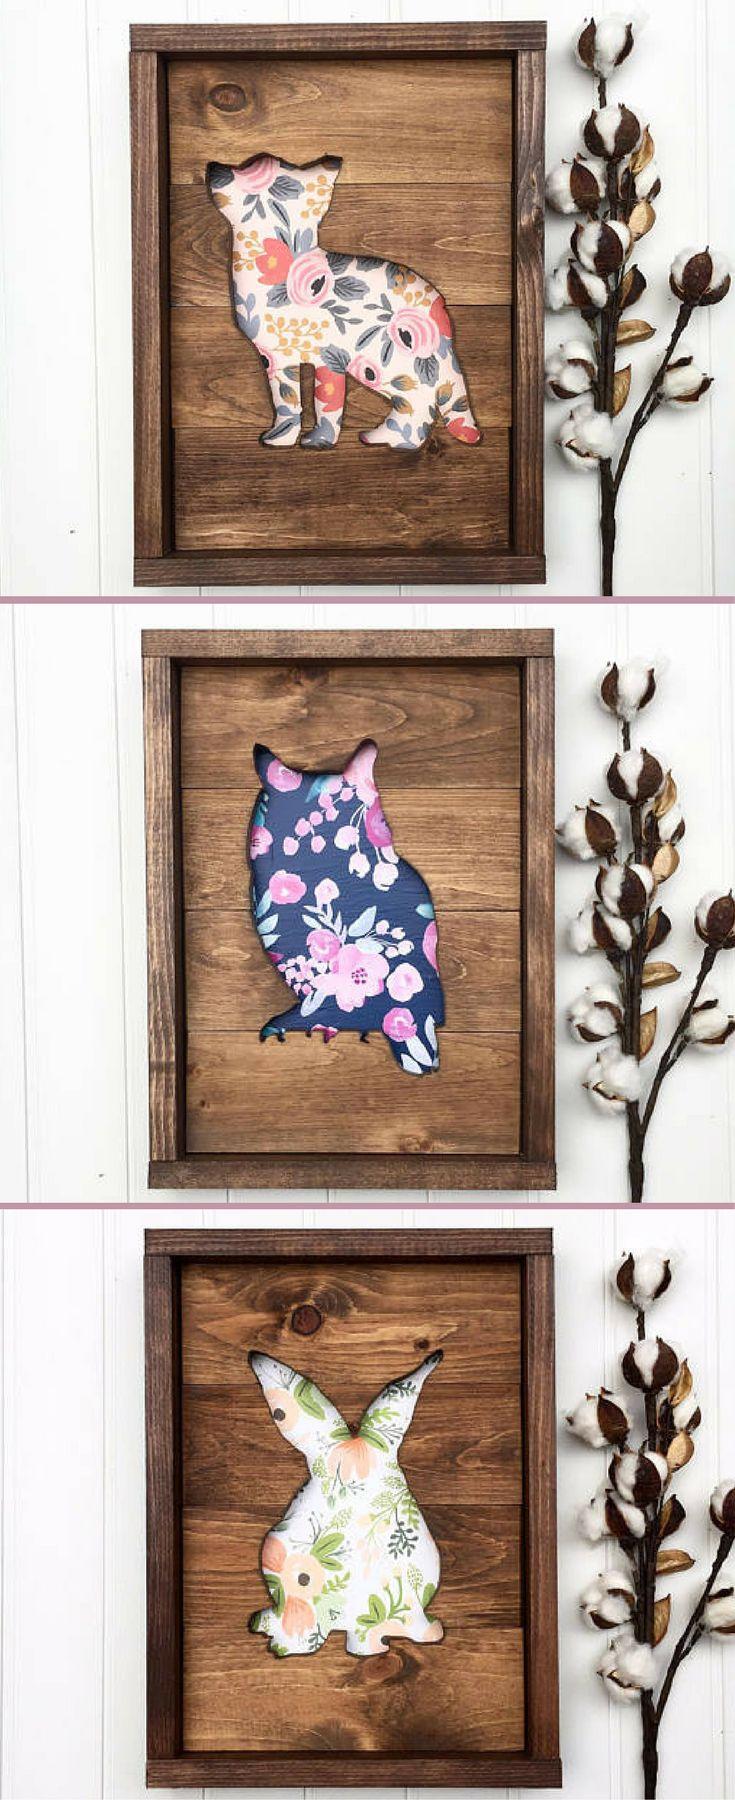 Woodland nursery art, Fox sign, Owl sign, bunny rabbit sign, Nursery wooden decor, Wood sign, home decor, Animal cutout wood, Rustic Nursery decor, Baby shower gift idea, floral nursery sign #ad